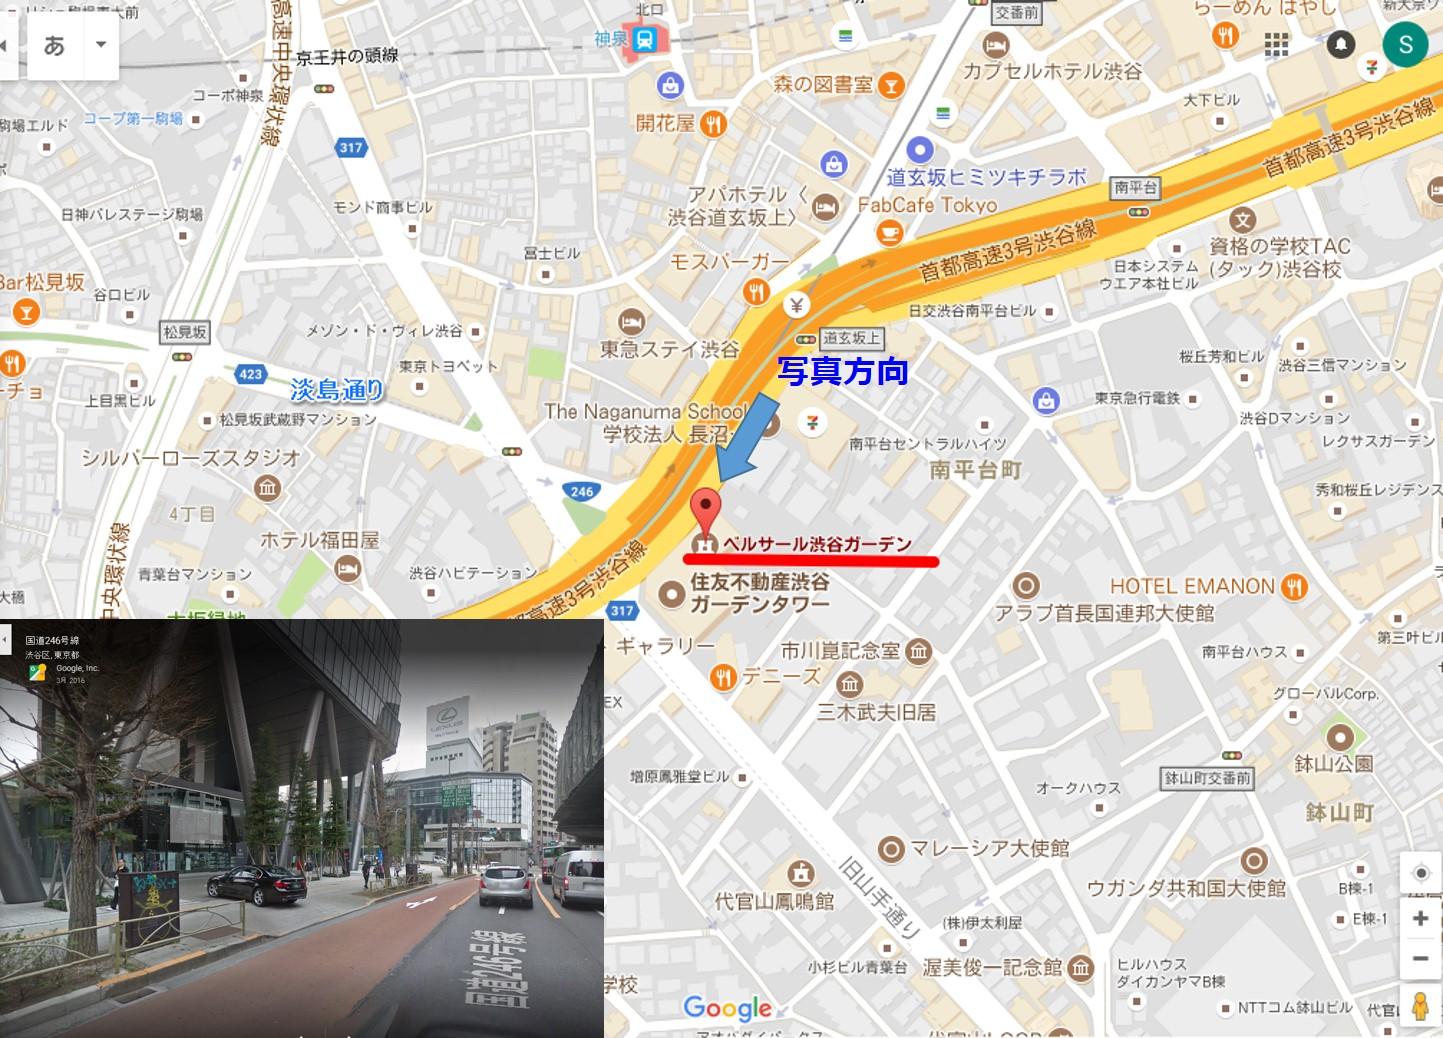 ベルサール渋谷